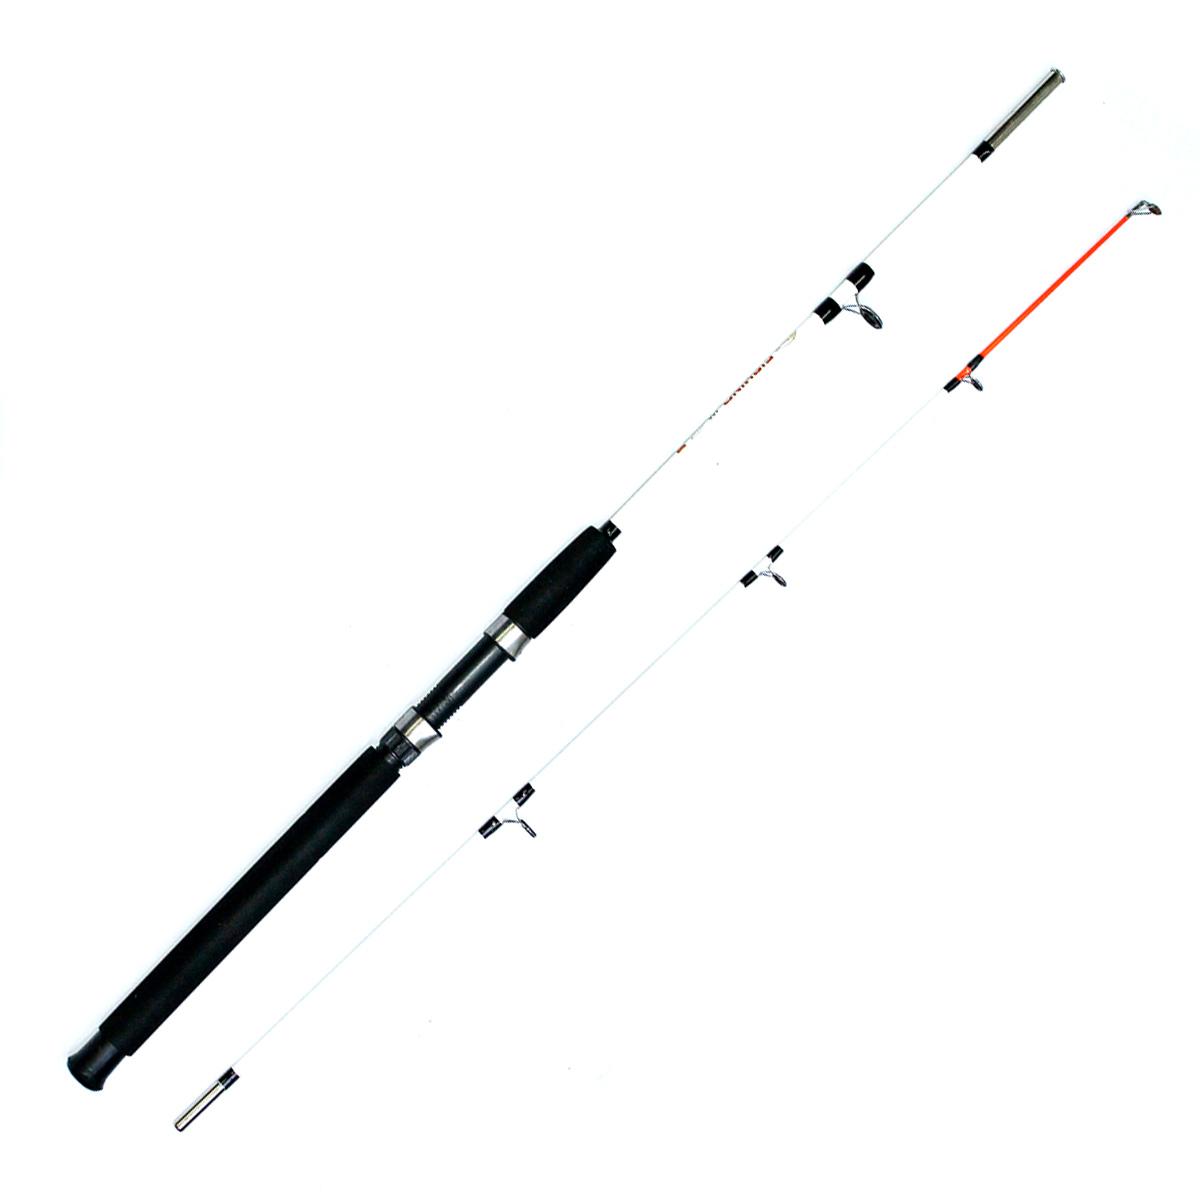 Cần Câu Máy Hai Khúc Đặc Trắng Fishing 1m8 - Phổ Thông